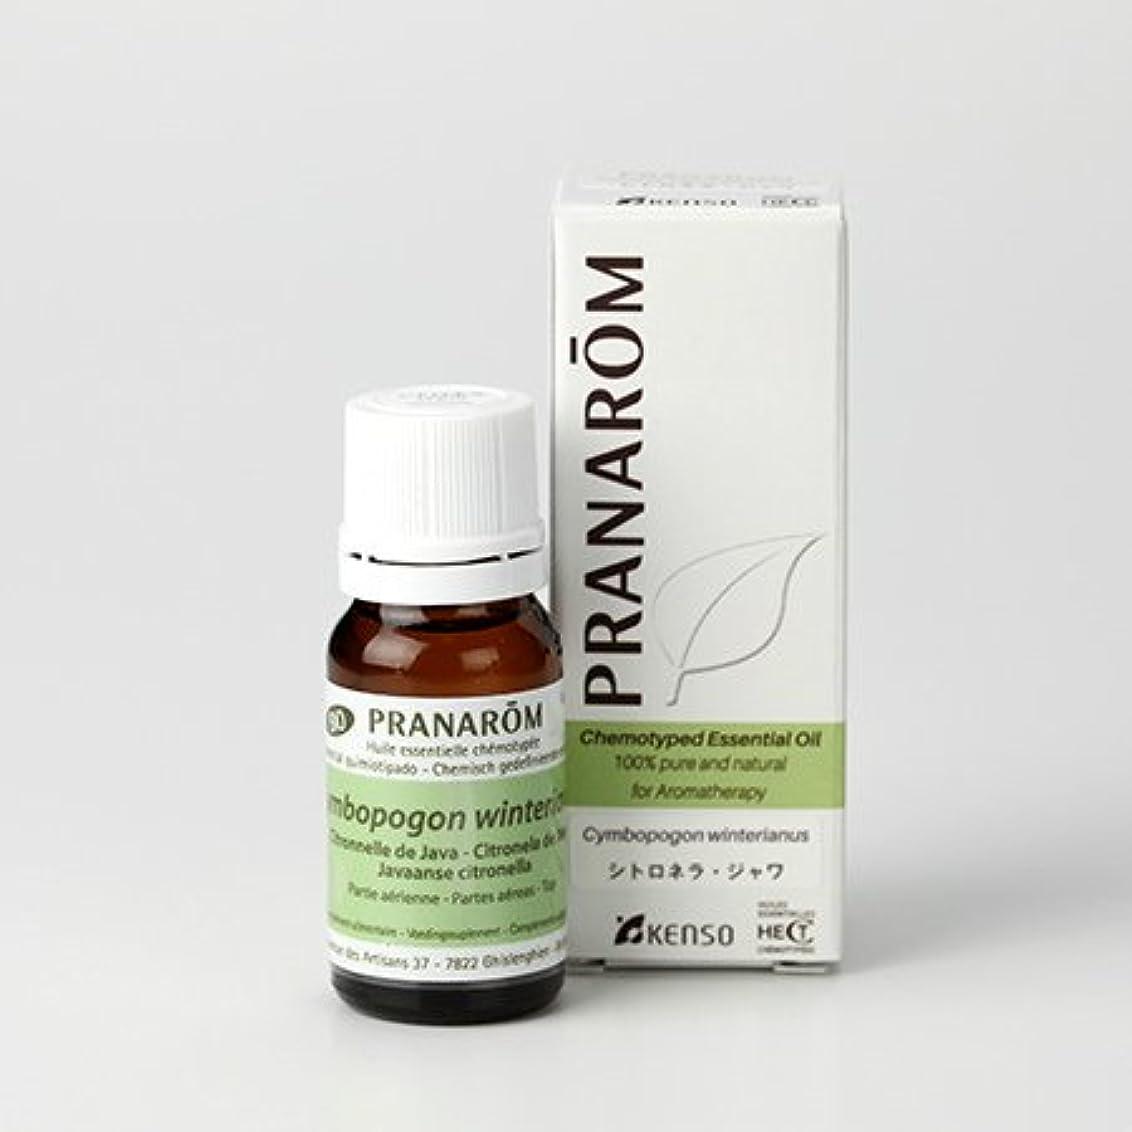 肌寒い声を出して遺伝子プラナロム シトロネラジャワ 10ml (PRANAROM ケモタイプ精油)